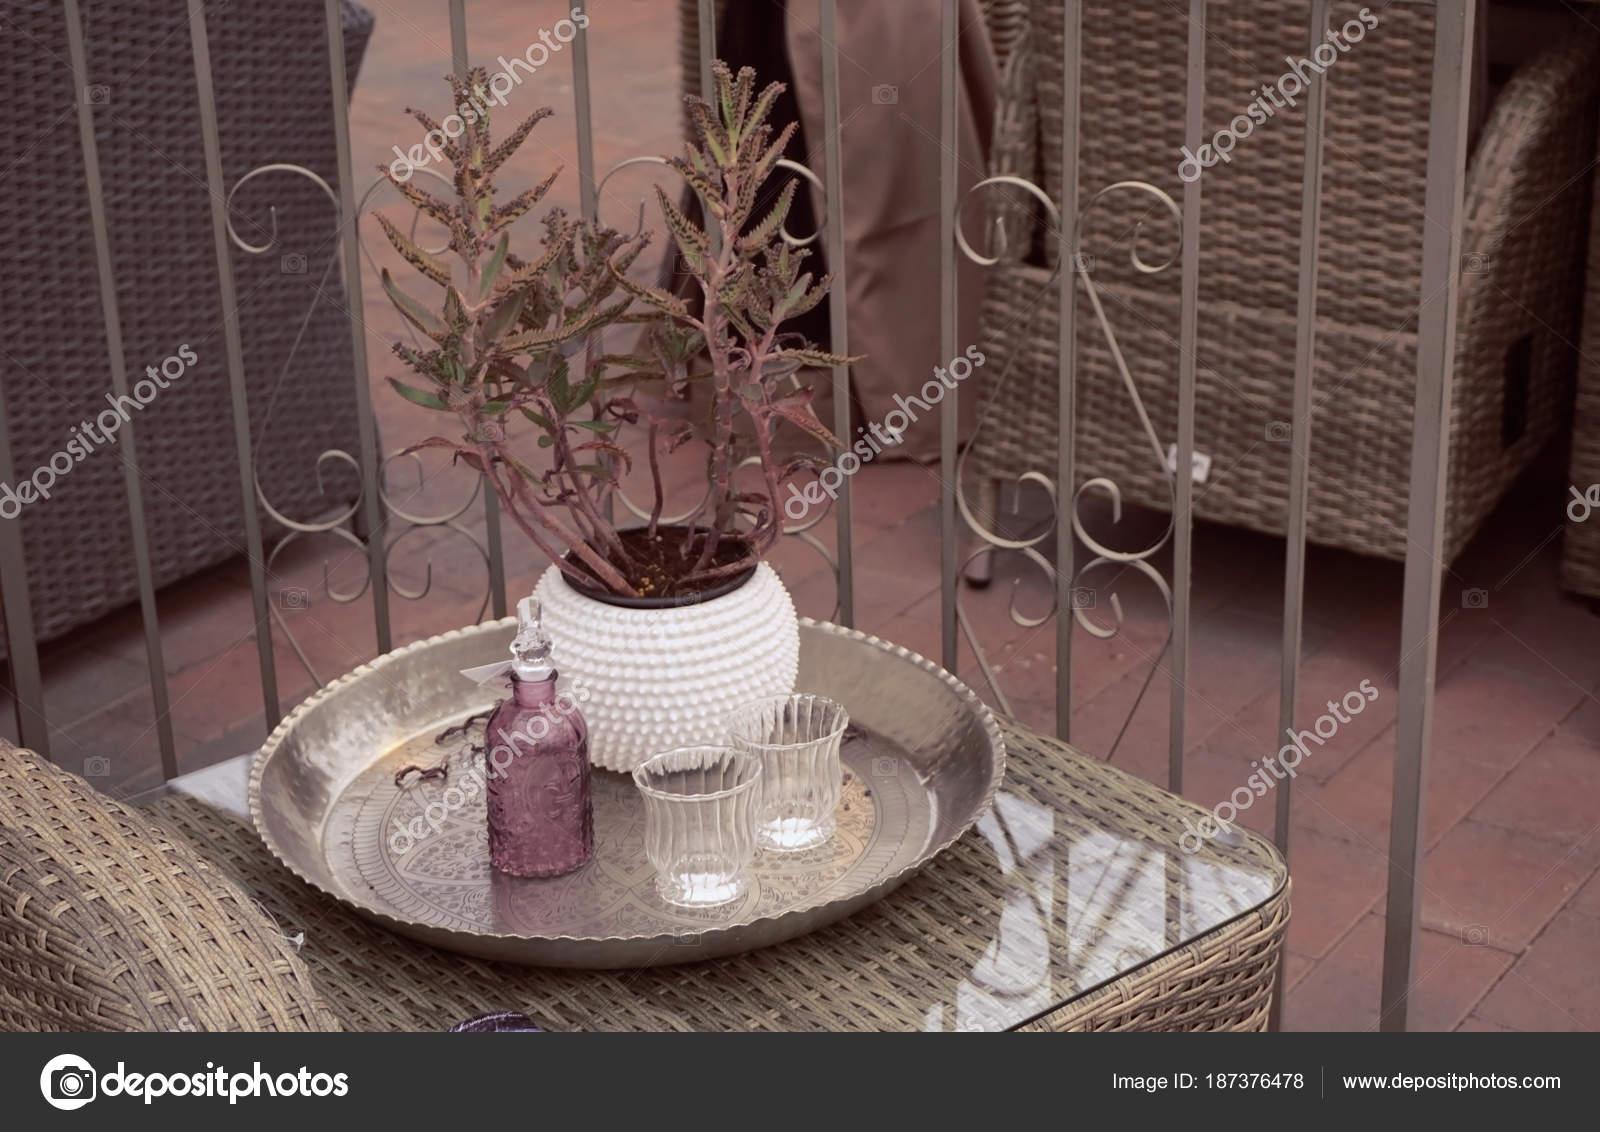 — Décoration Style Basse Table Véranda Scandinave Photographie Sur cL3Aq54SRj